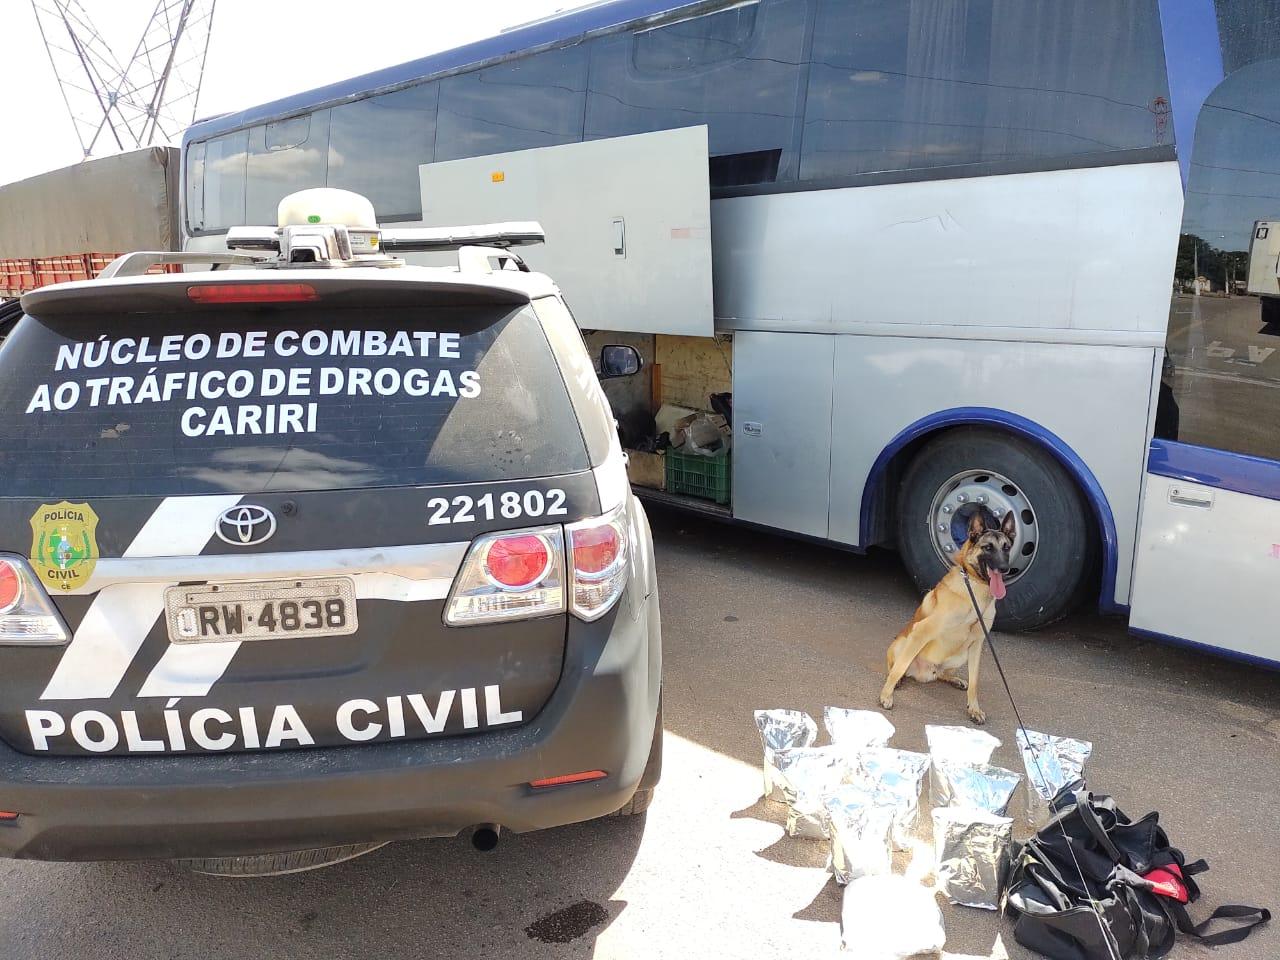 Foto: Polícia Civil do Ceará/Divulgação